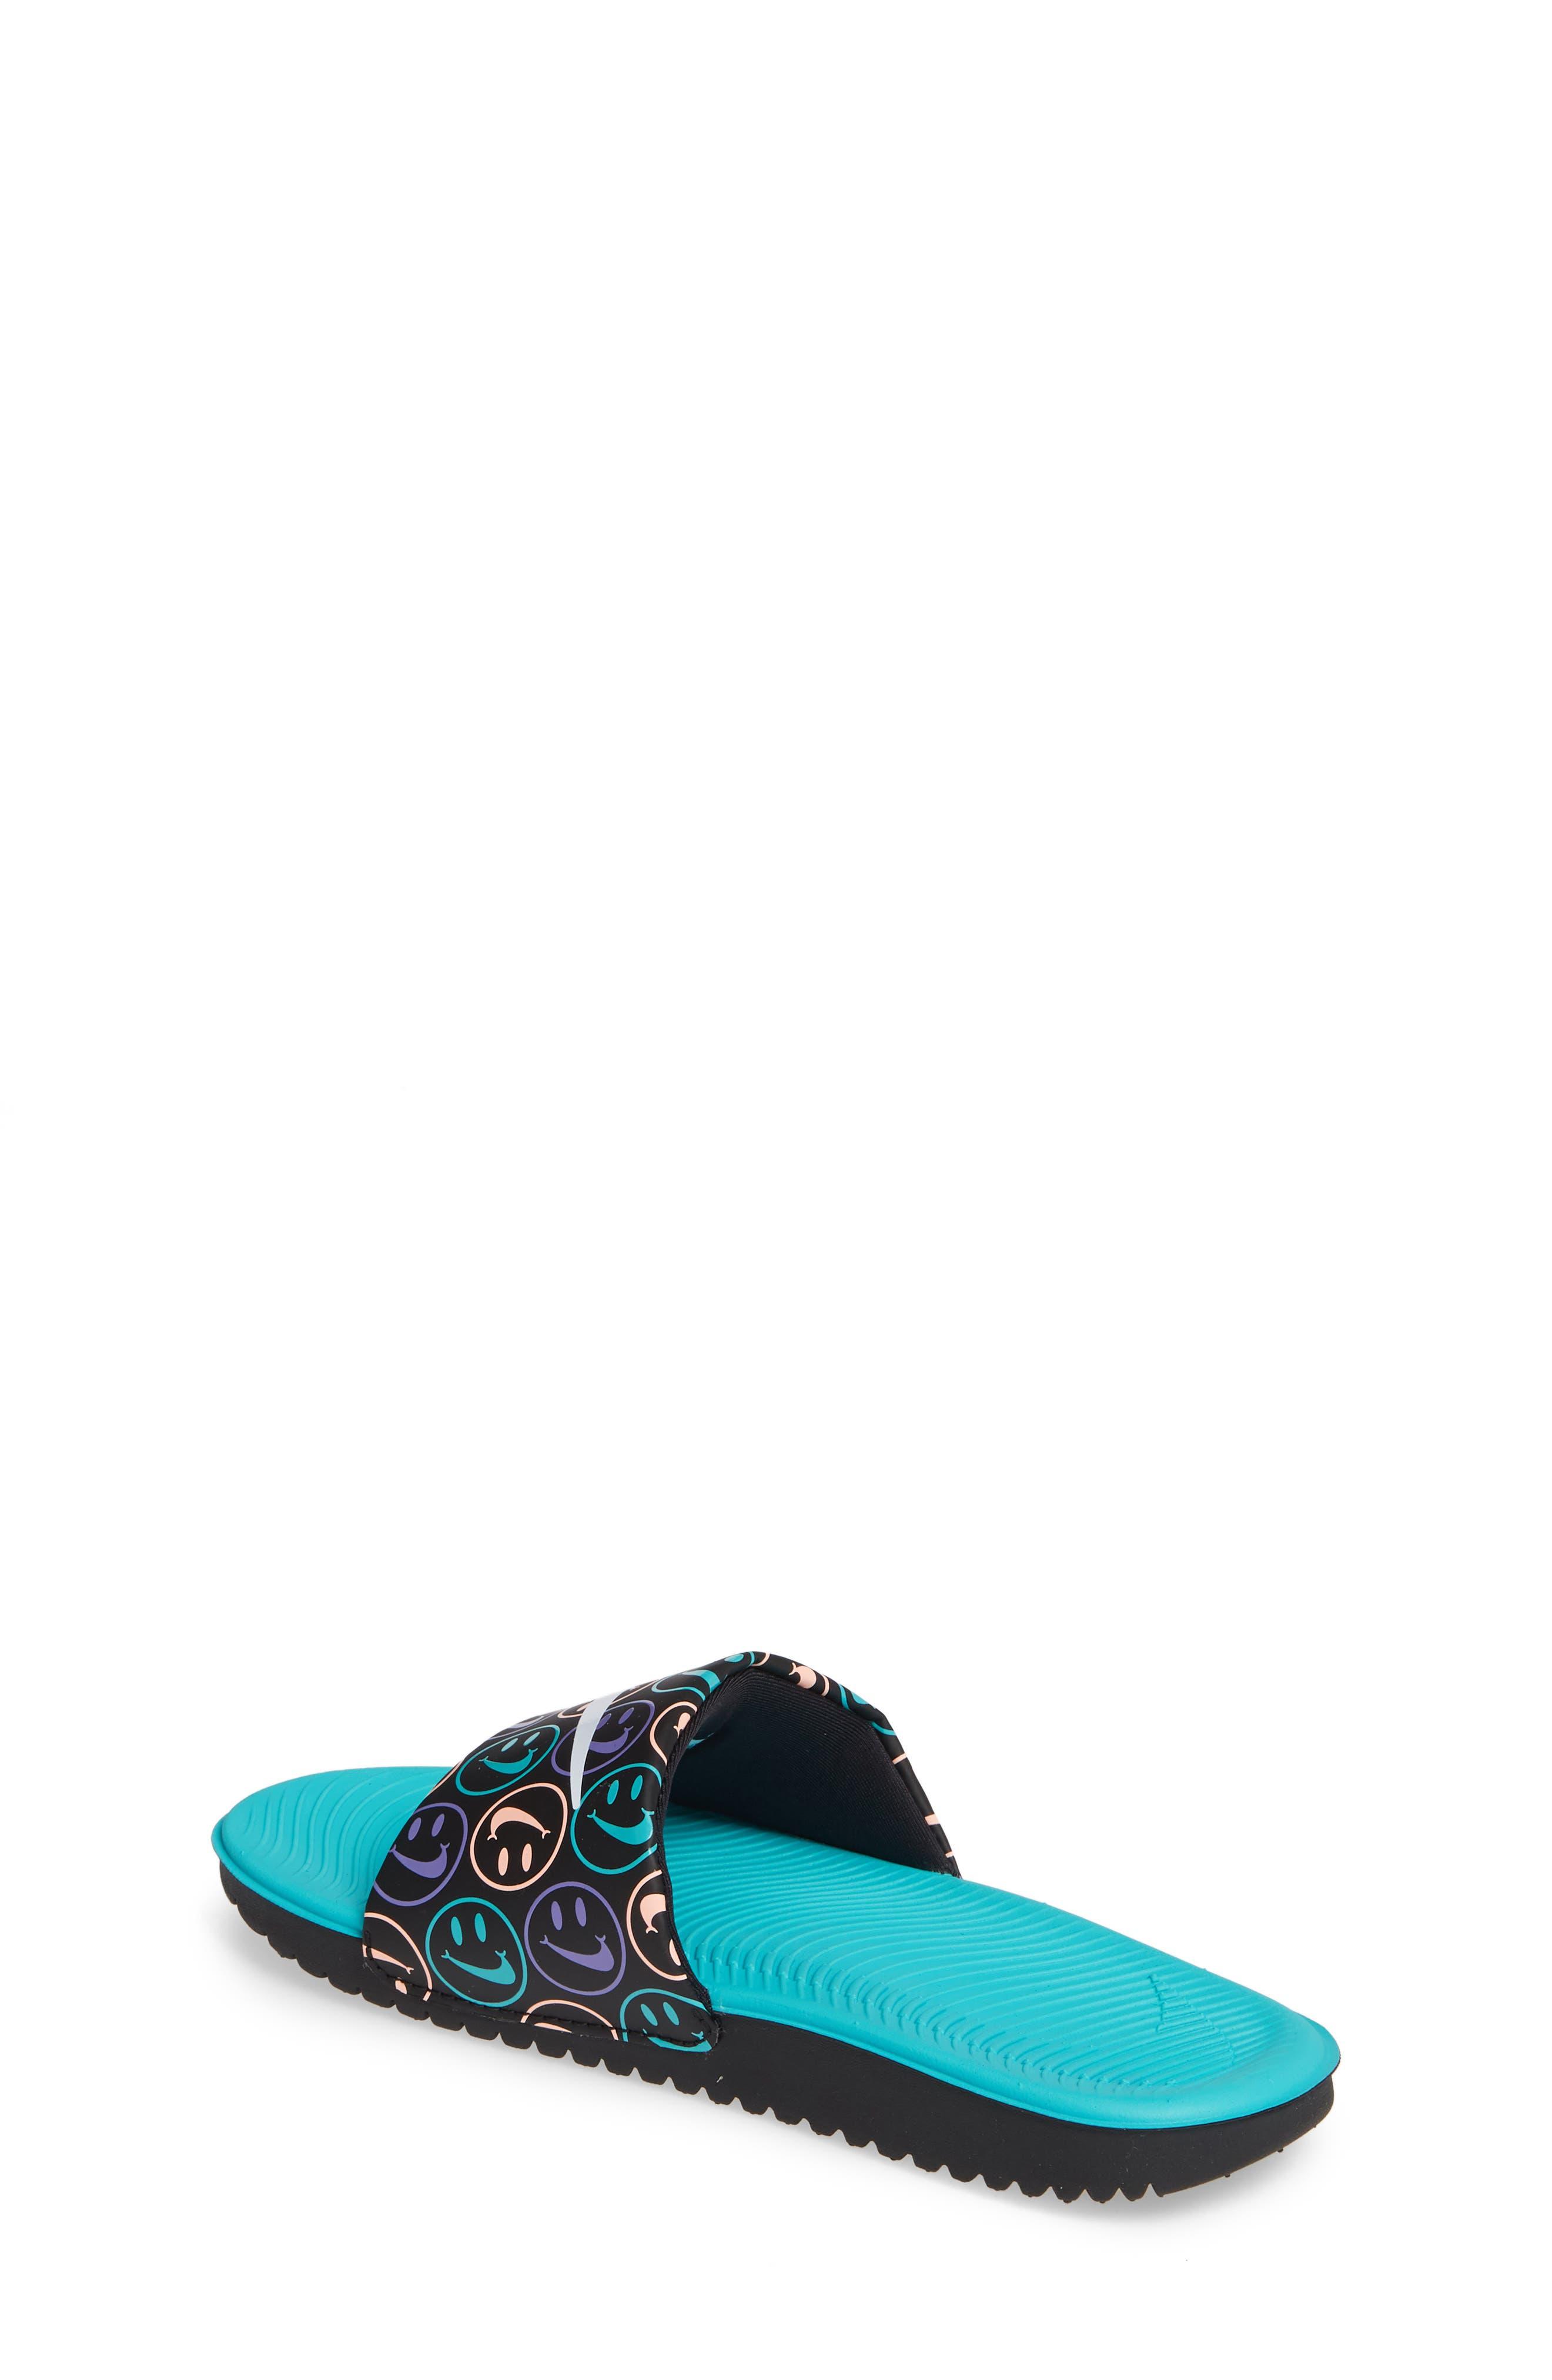 best loved 5041d b9960 nike sandals   Nordstrom